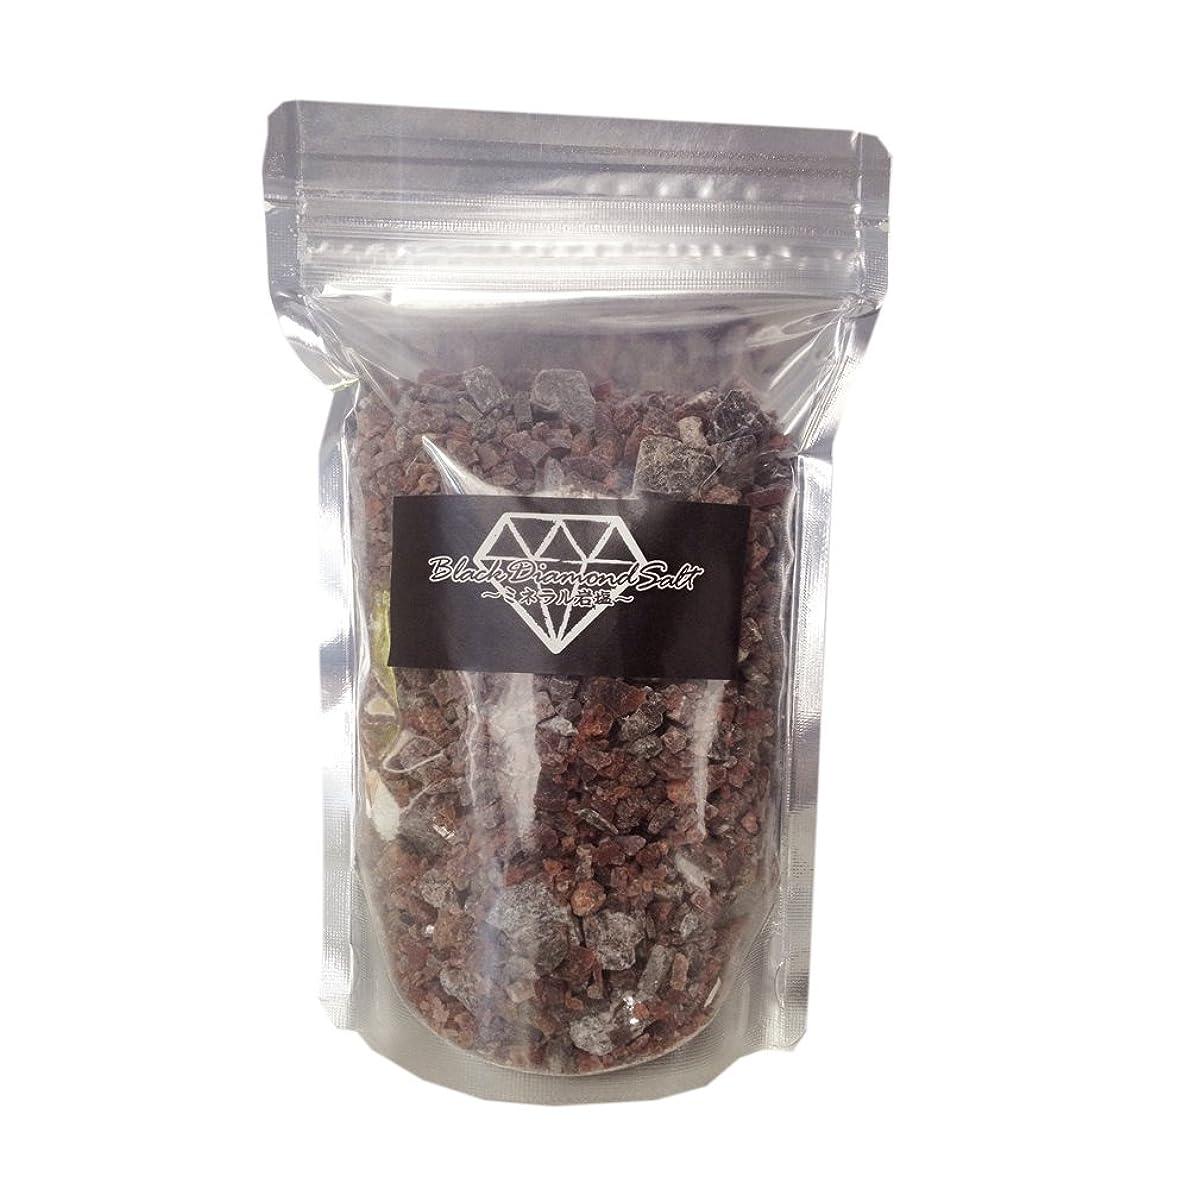 電池ラリー剛性温活用 お風呂用ブラックダイヤソルト岩塩450g(15回分)